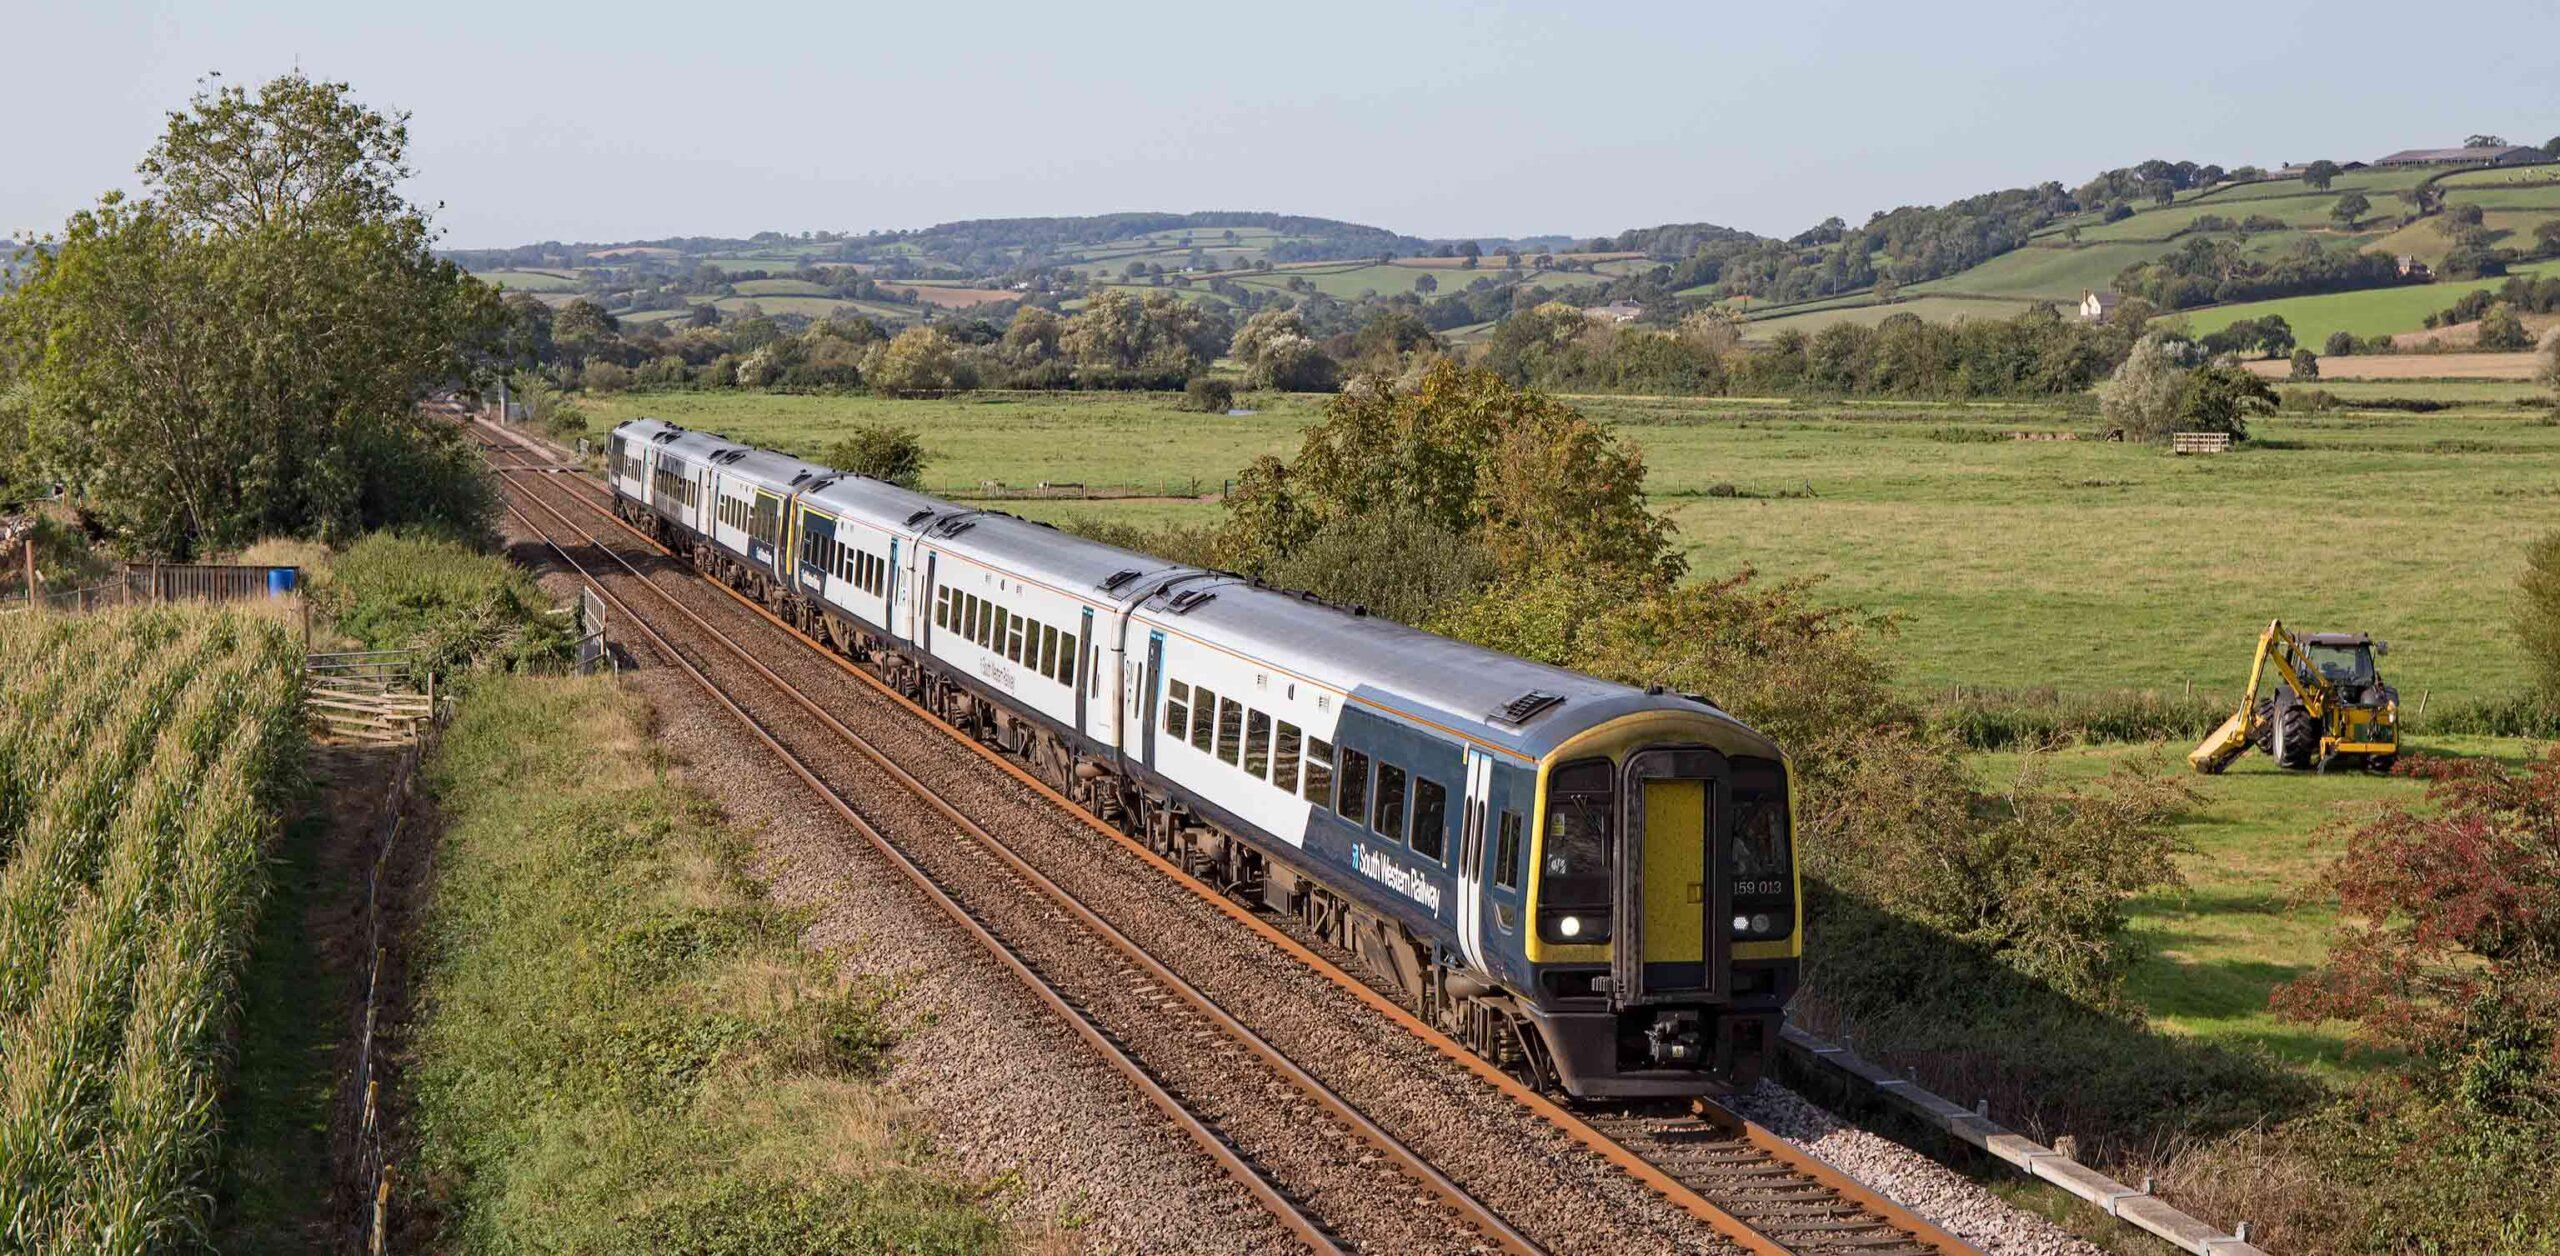 East Devon Line train in landscape